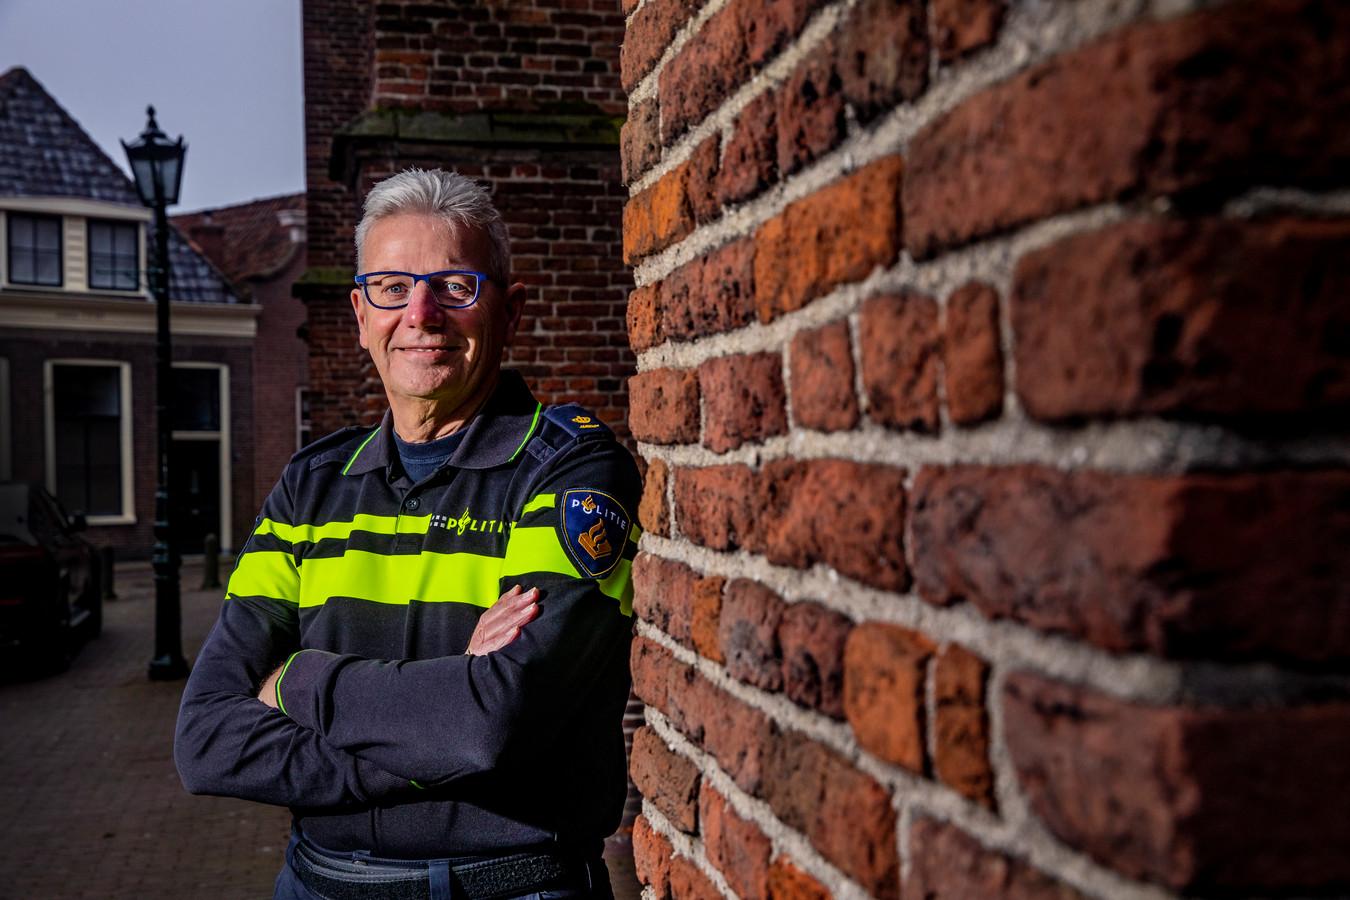 Vlak voor hij vorig jaar zijn uniform inlevert, poseert Wim Kanis nog één keer in zijn politiekleding in woonplaats Hasselt.